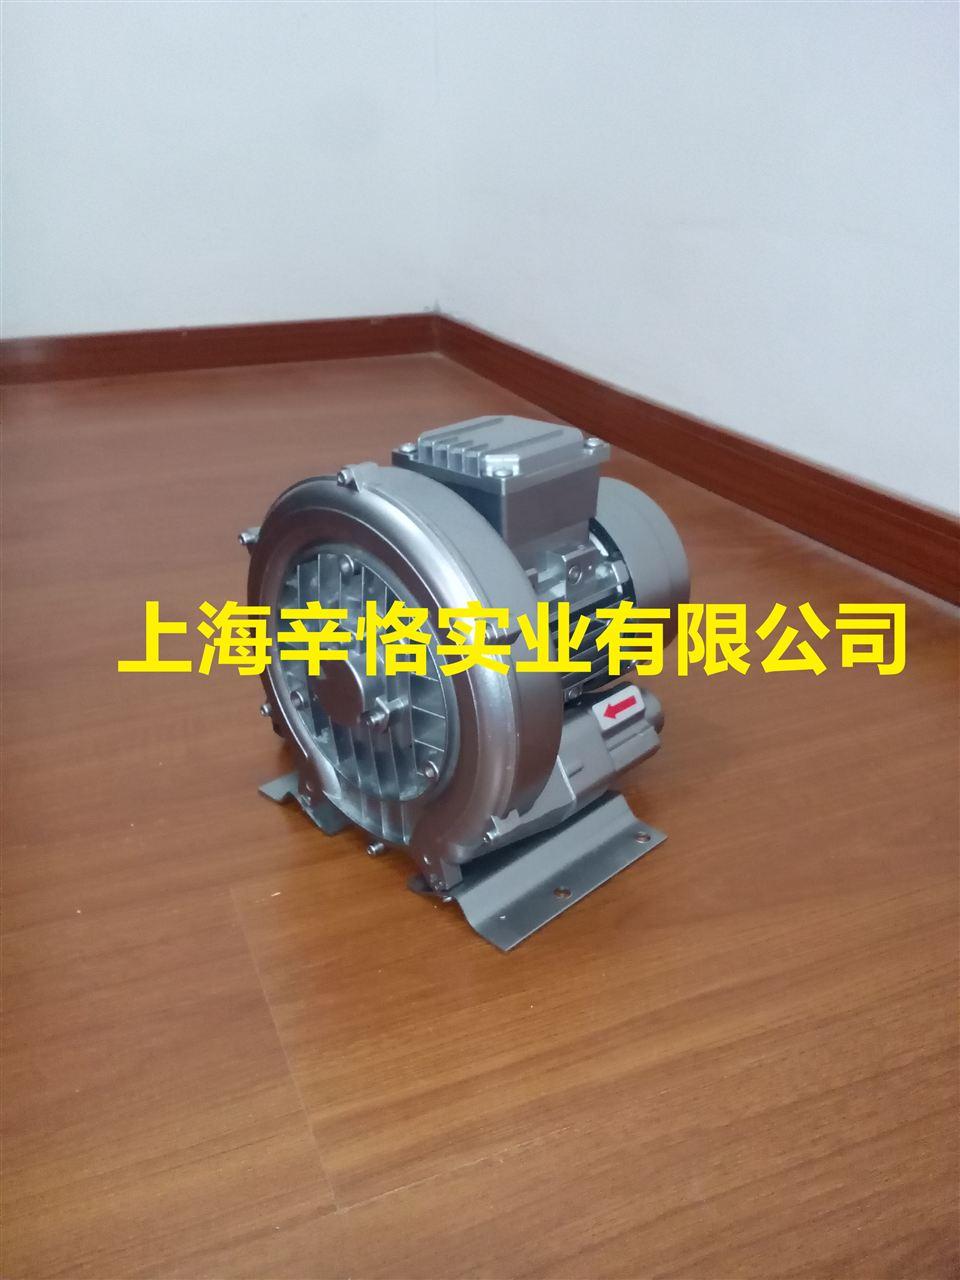 气泵连接电路图